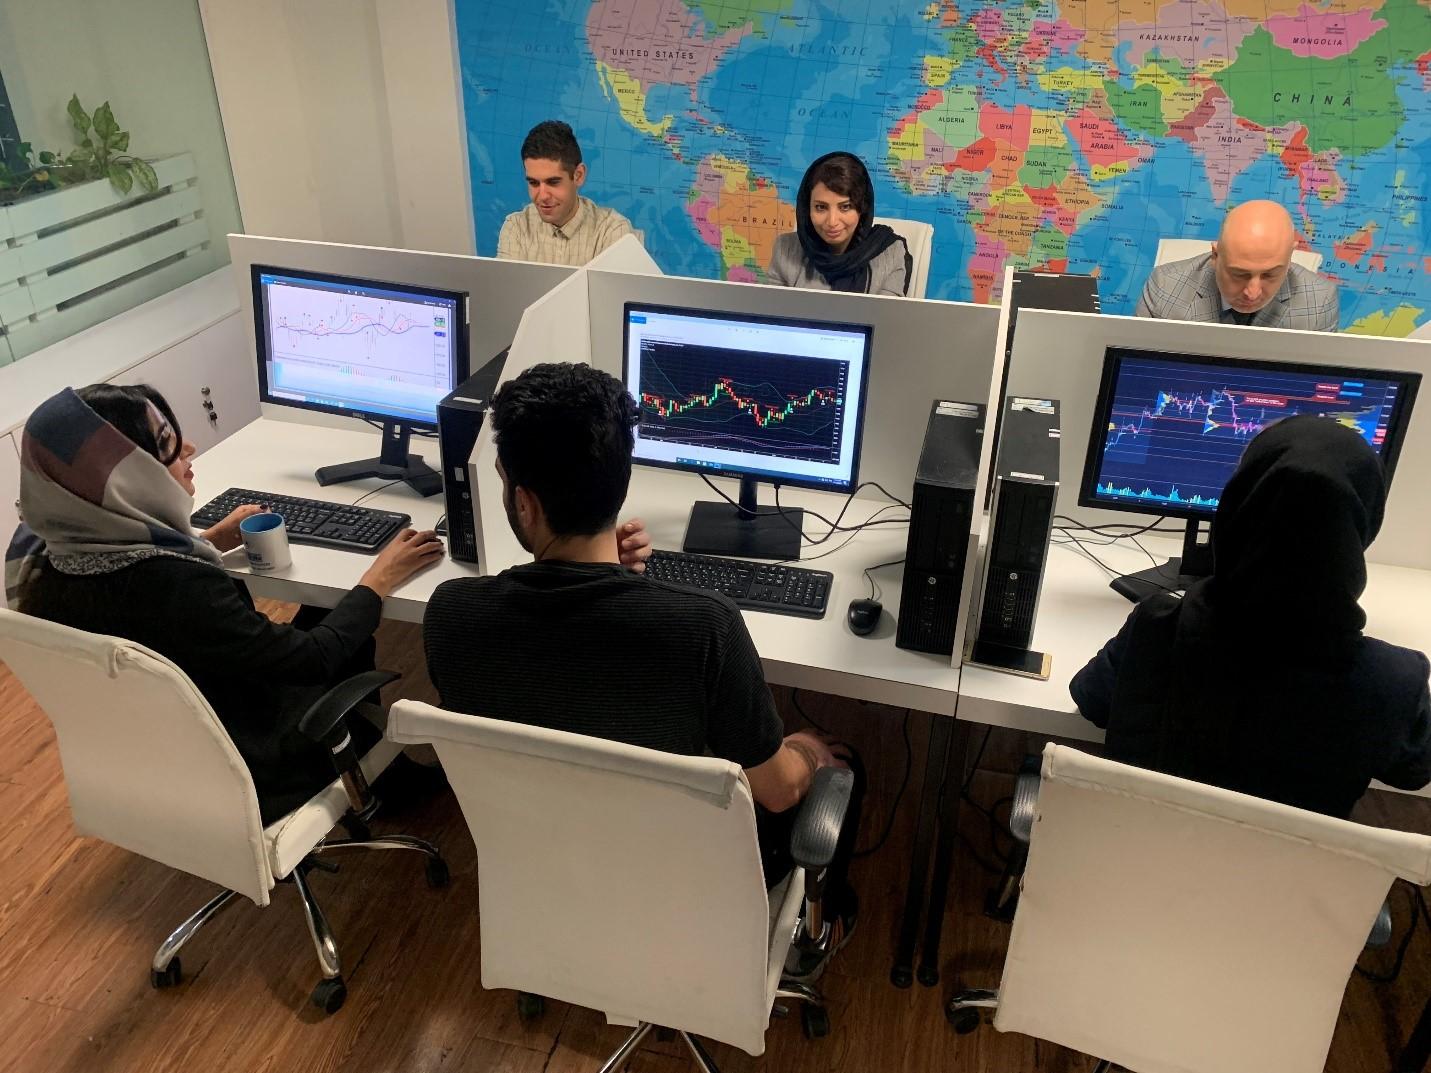 10 سایت برتر صرافی دیجیتال بررسی و رتبه بندی شد